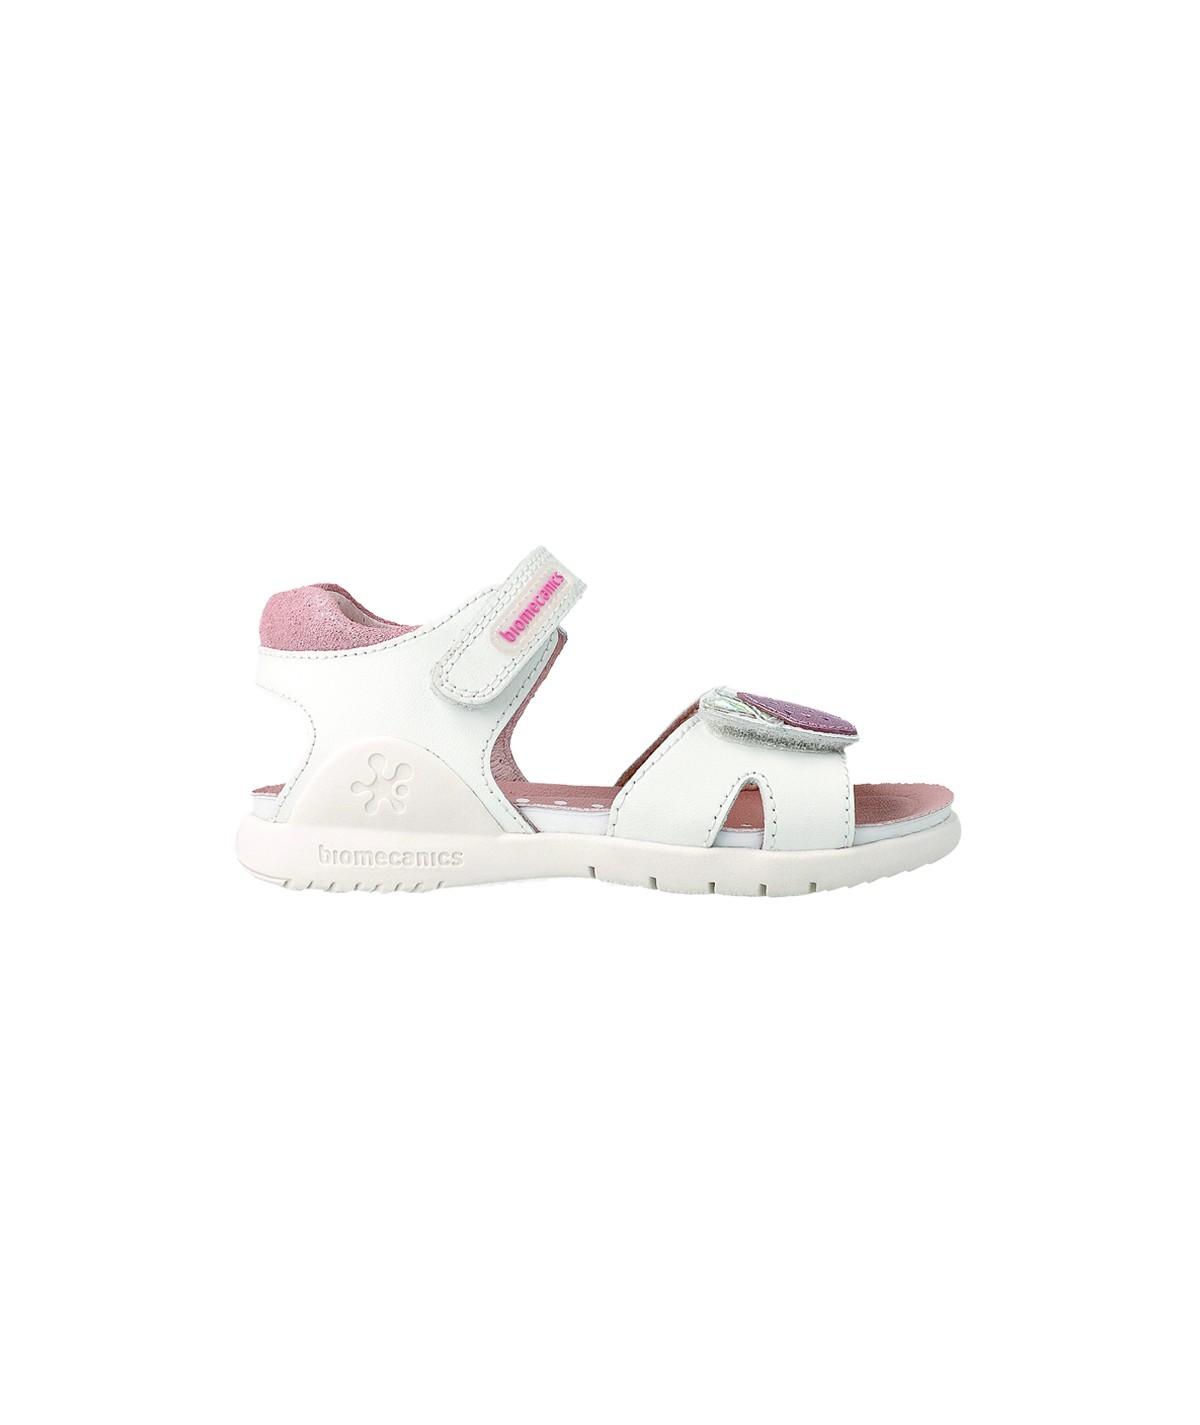 Sandales en cuir Fille